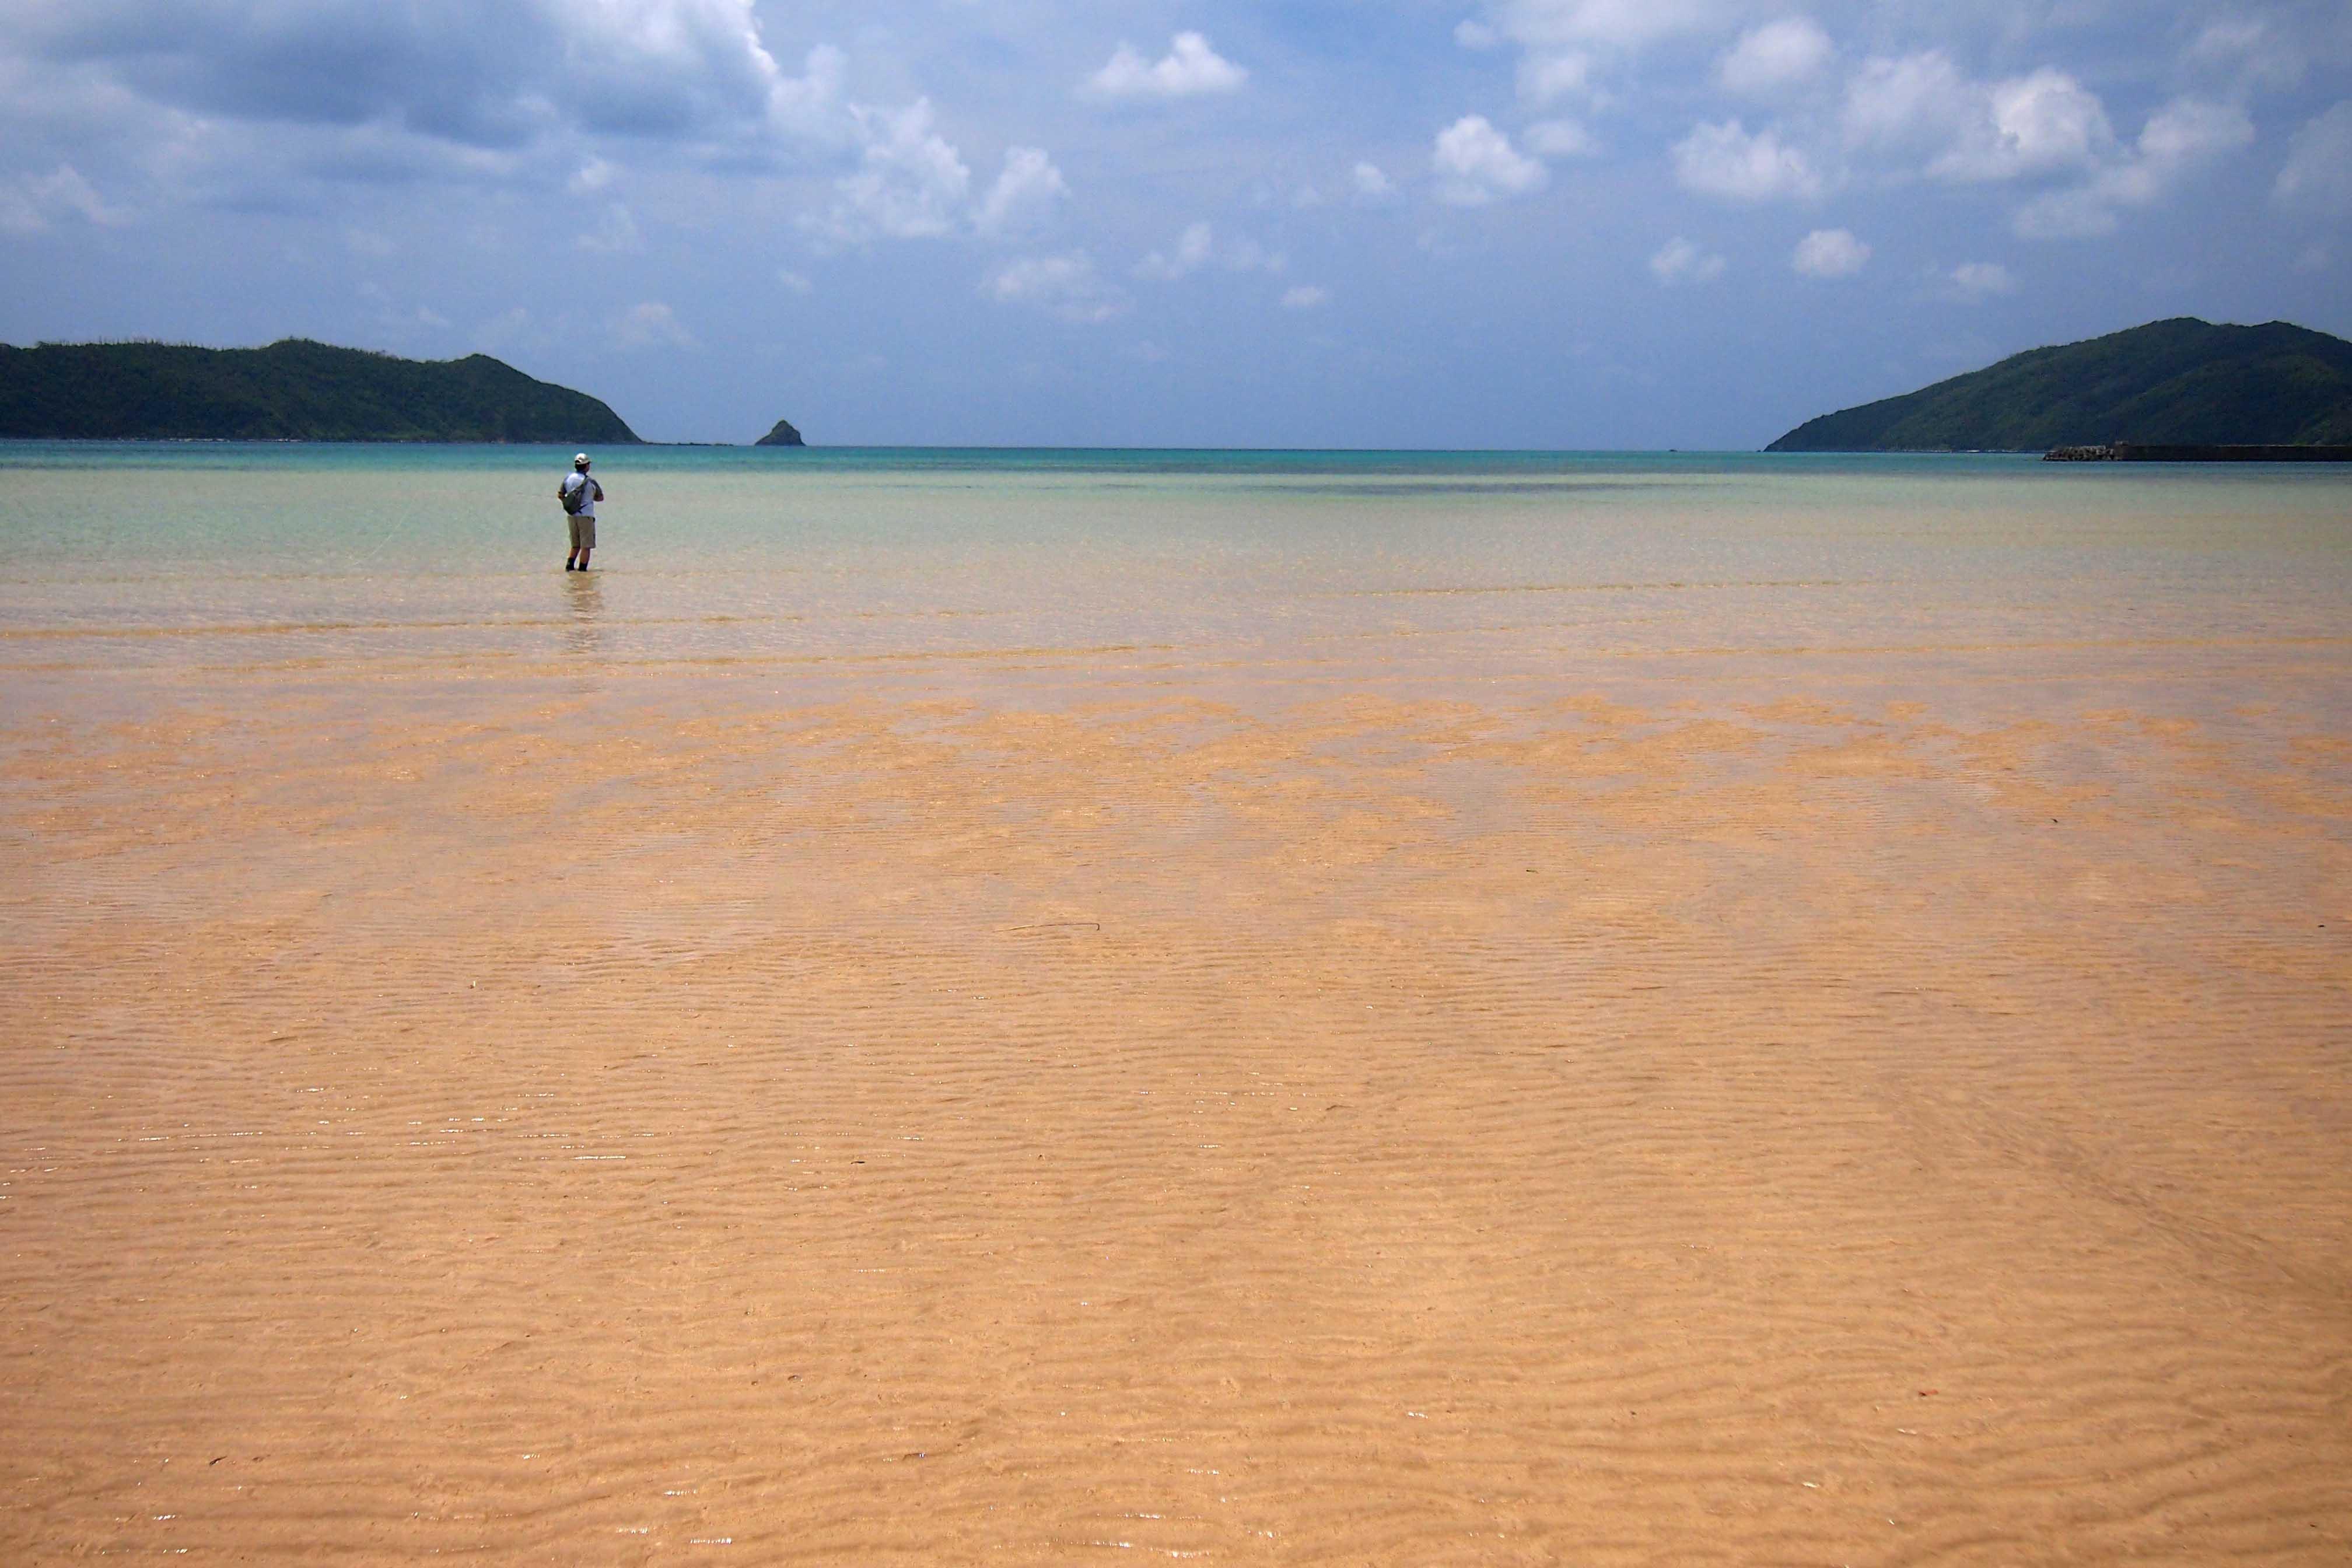 奄美大島ツアー、ブログにアップしました